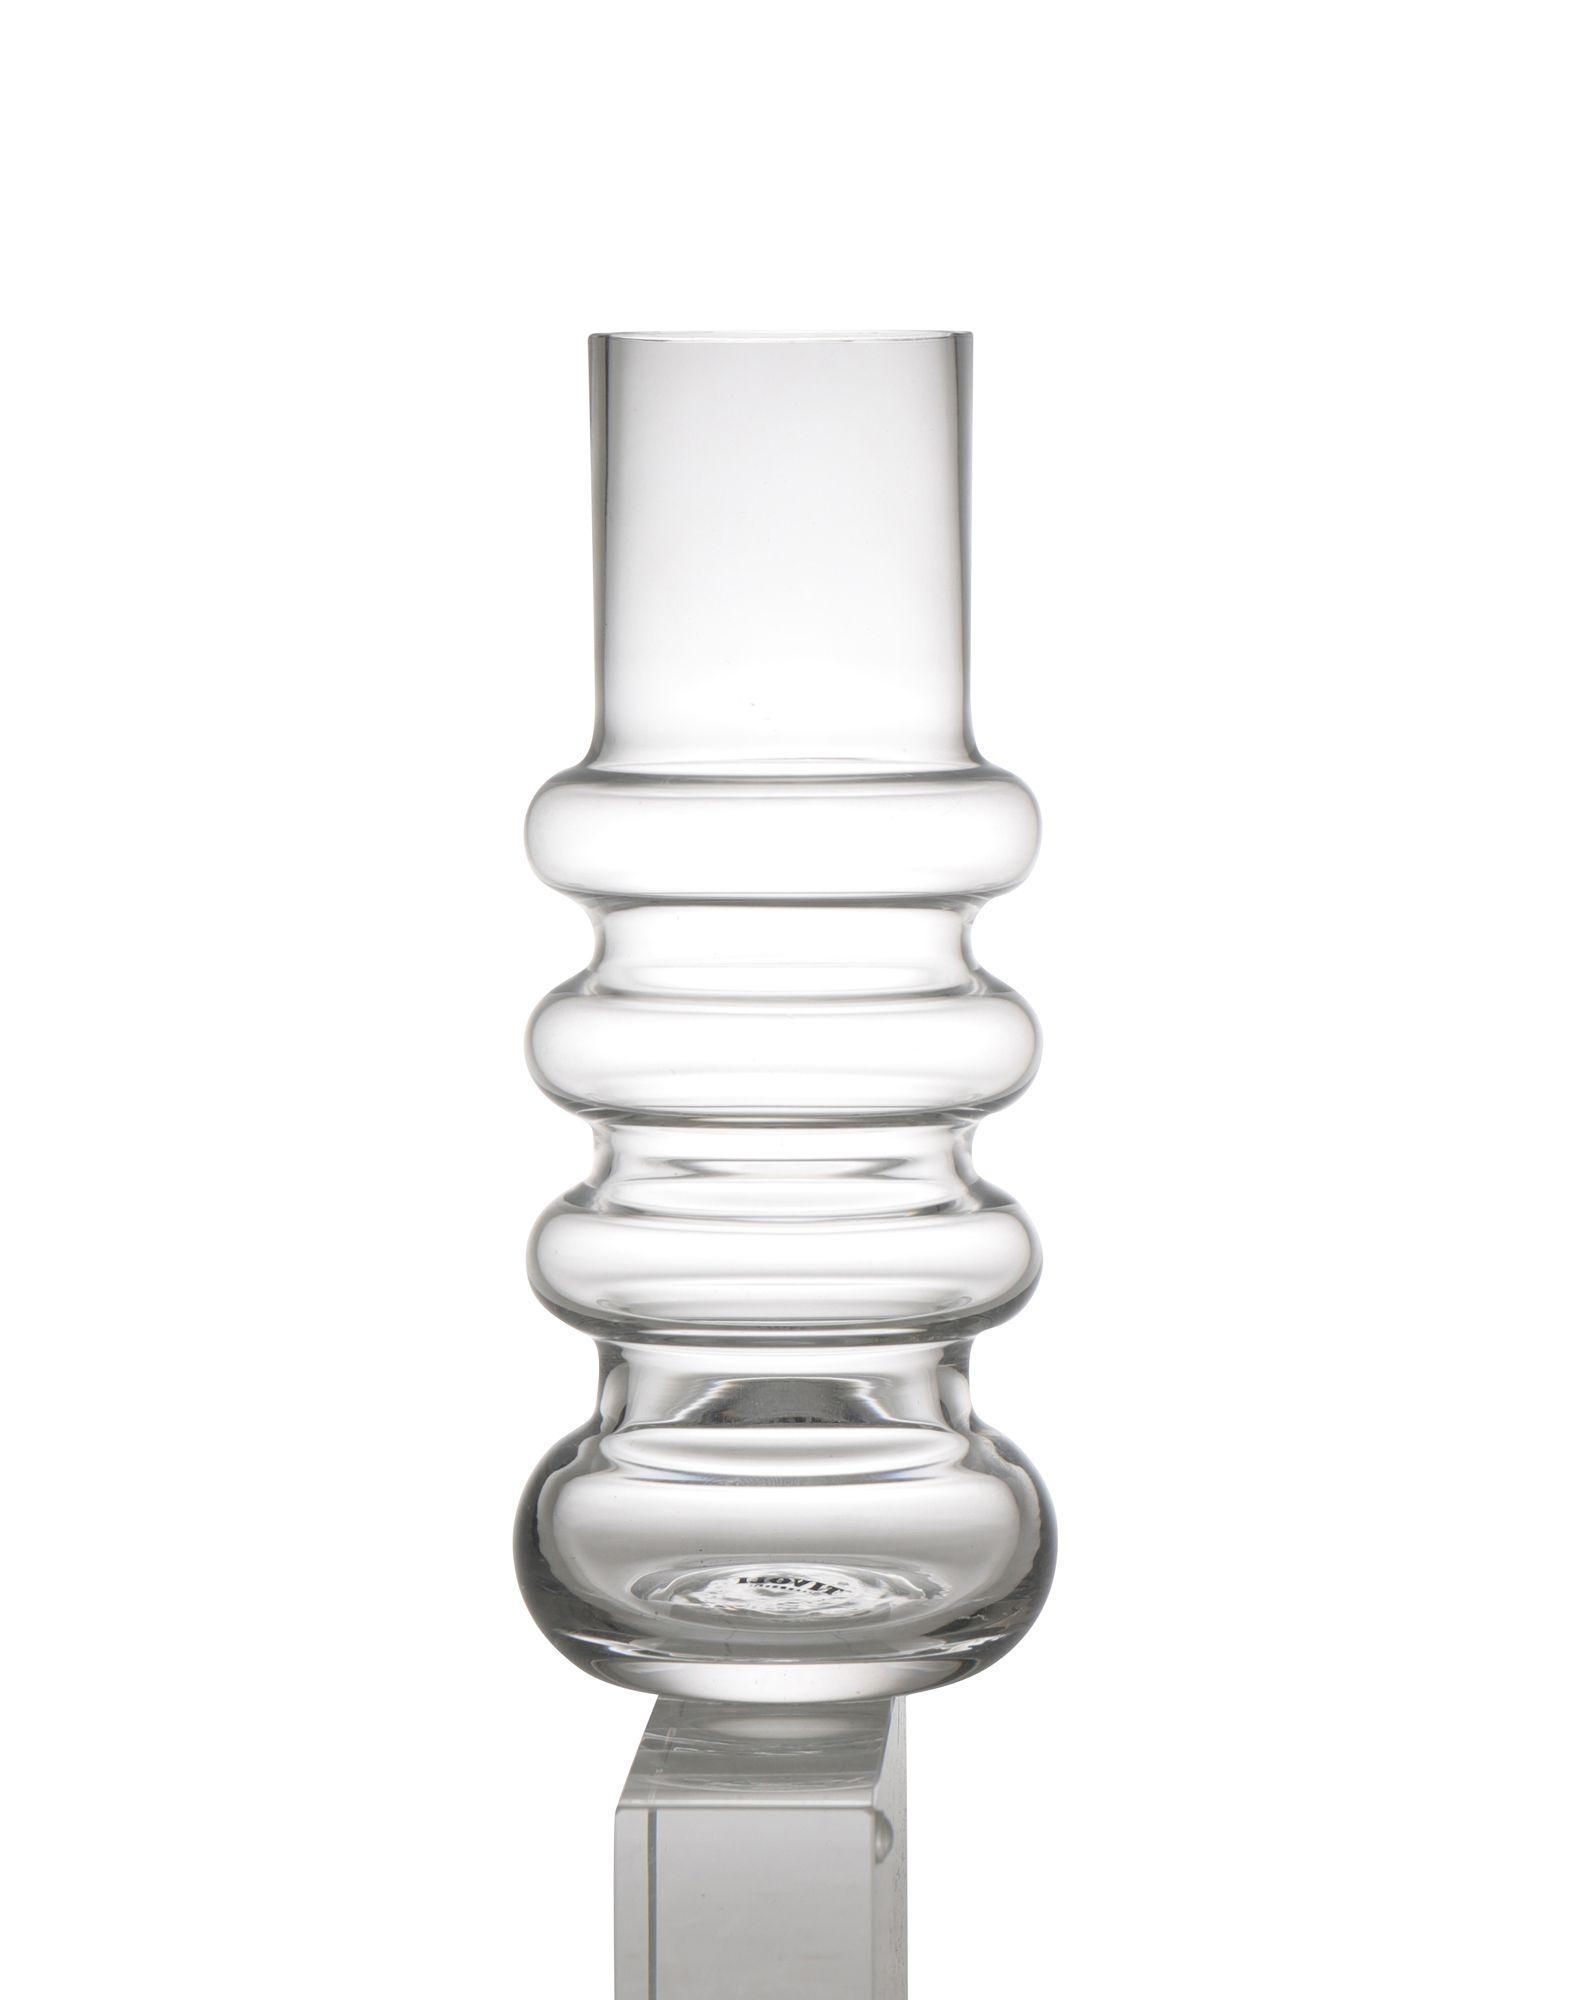 《セール開催中》NORMANN COPENHAGEN Unisex ベース クリア ガラス TIVOLI Balloon Vase Small